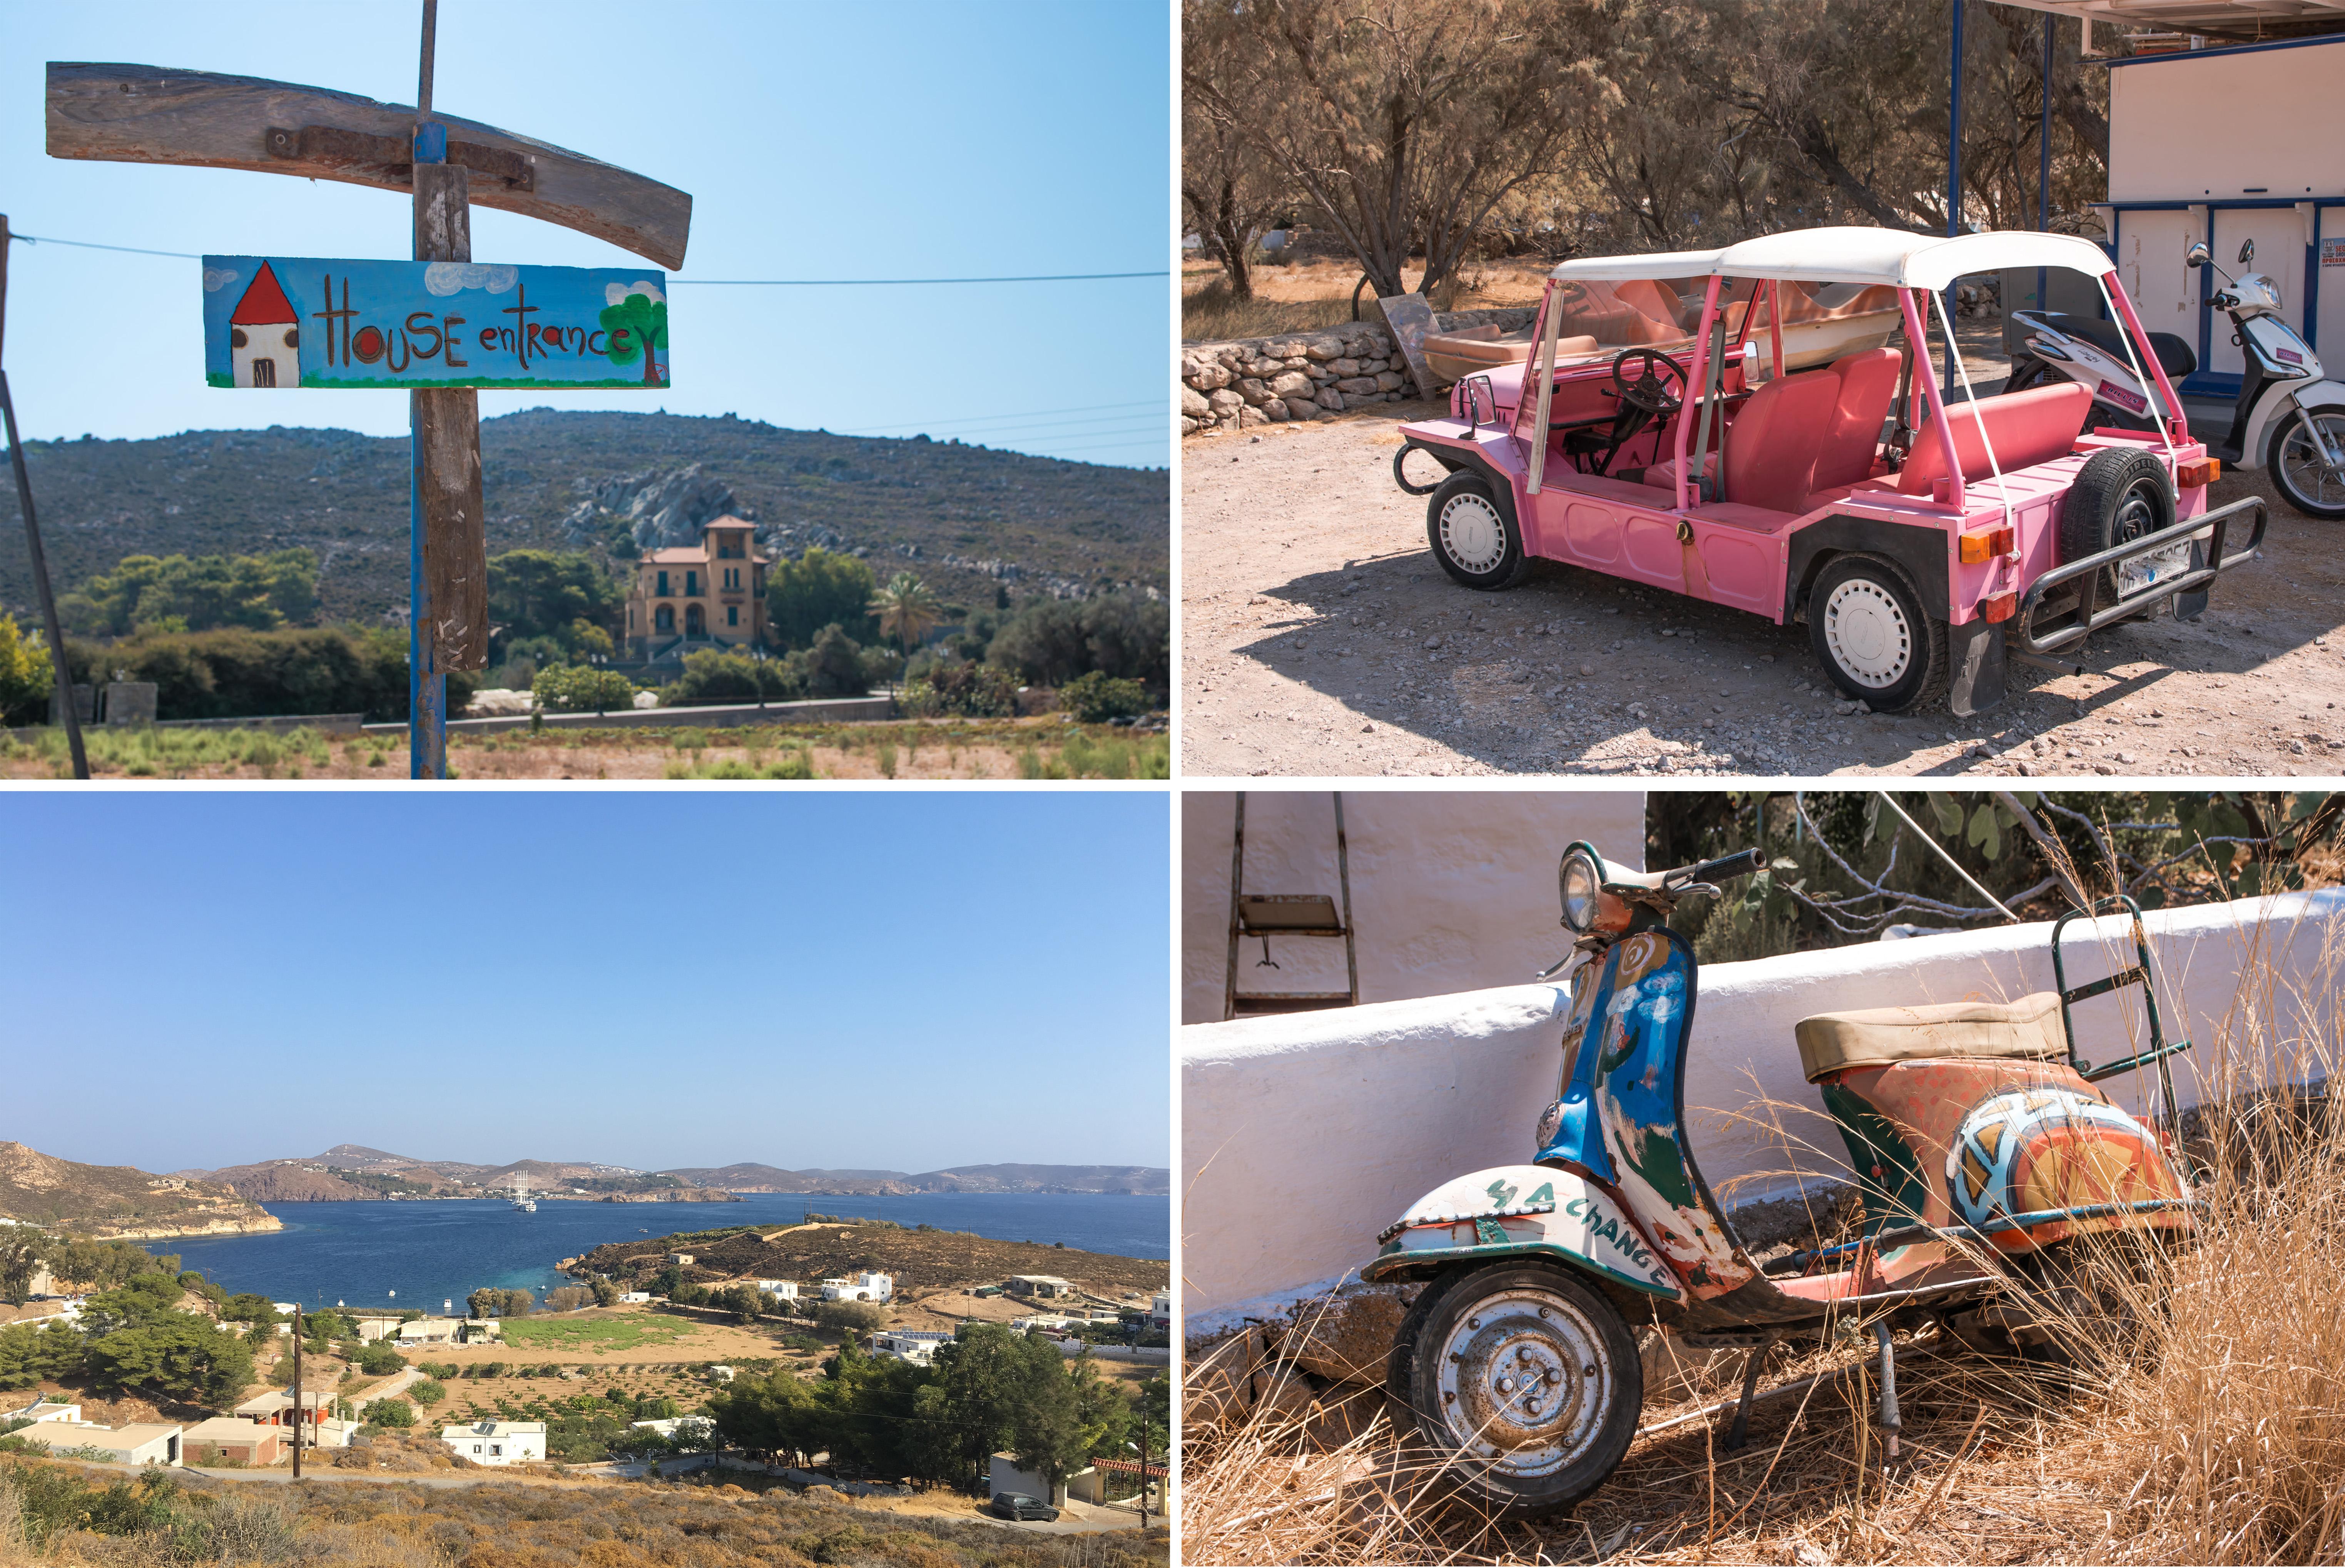 Patmos quer über die Insel mit dem Auto entdecken wir einen rosaroten Mini Moke und ein alten rostigen bemalten Scooter, sehr originell